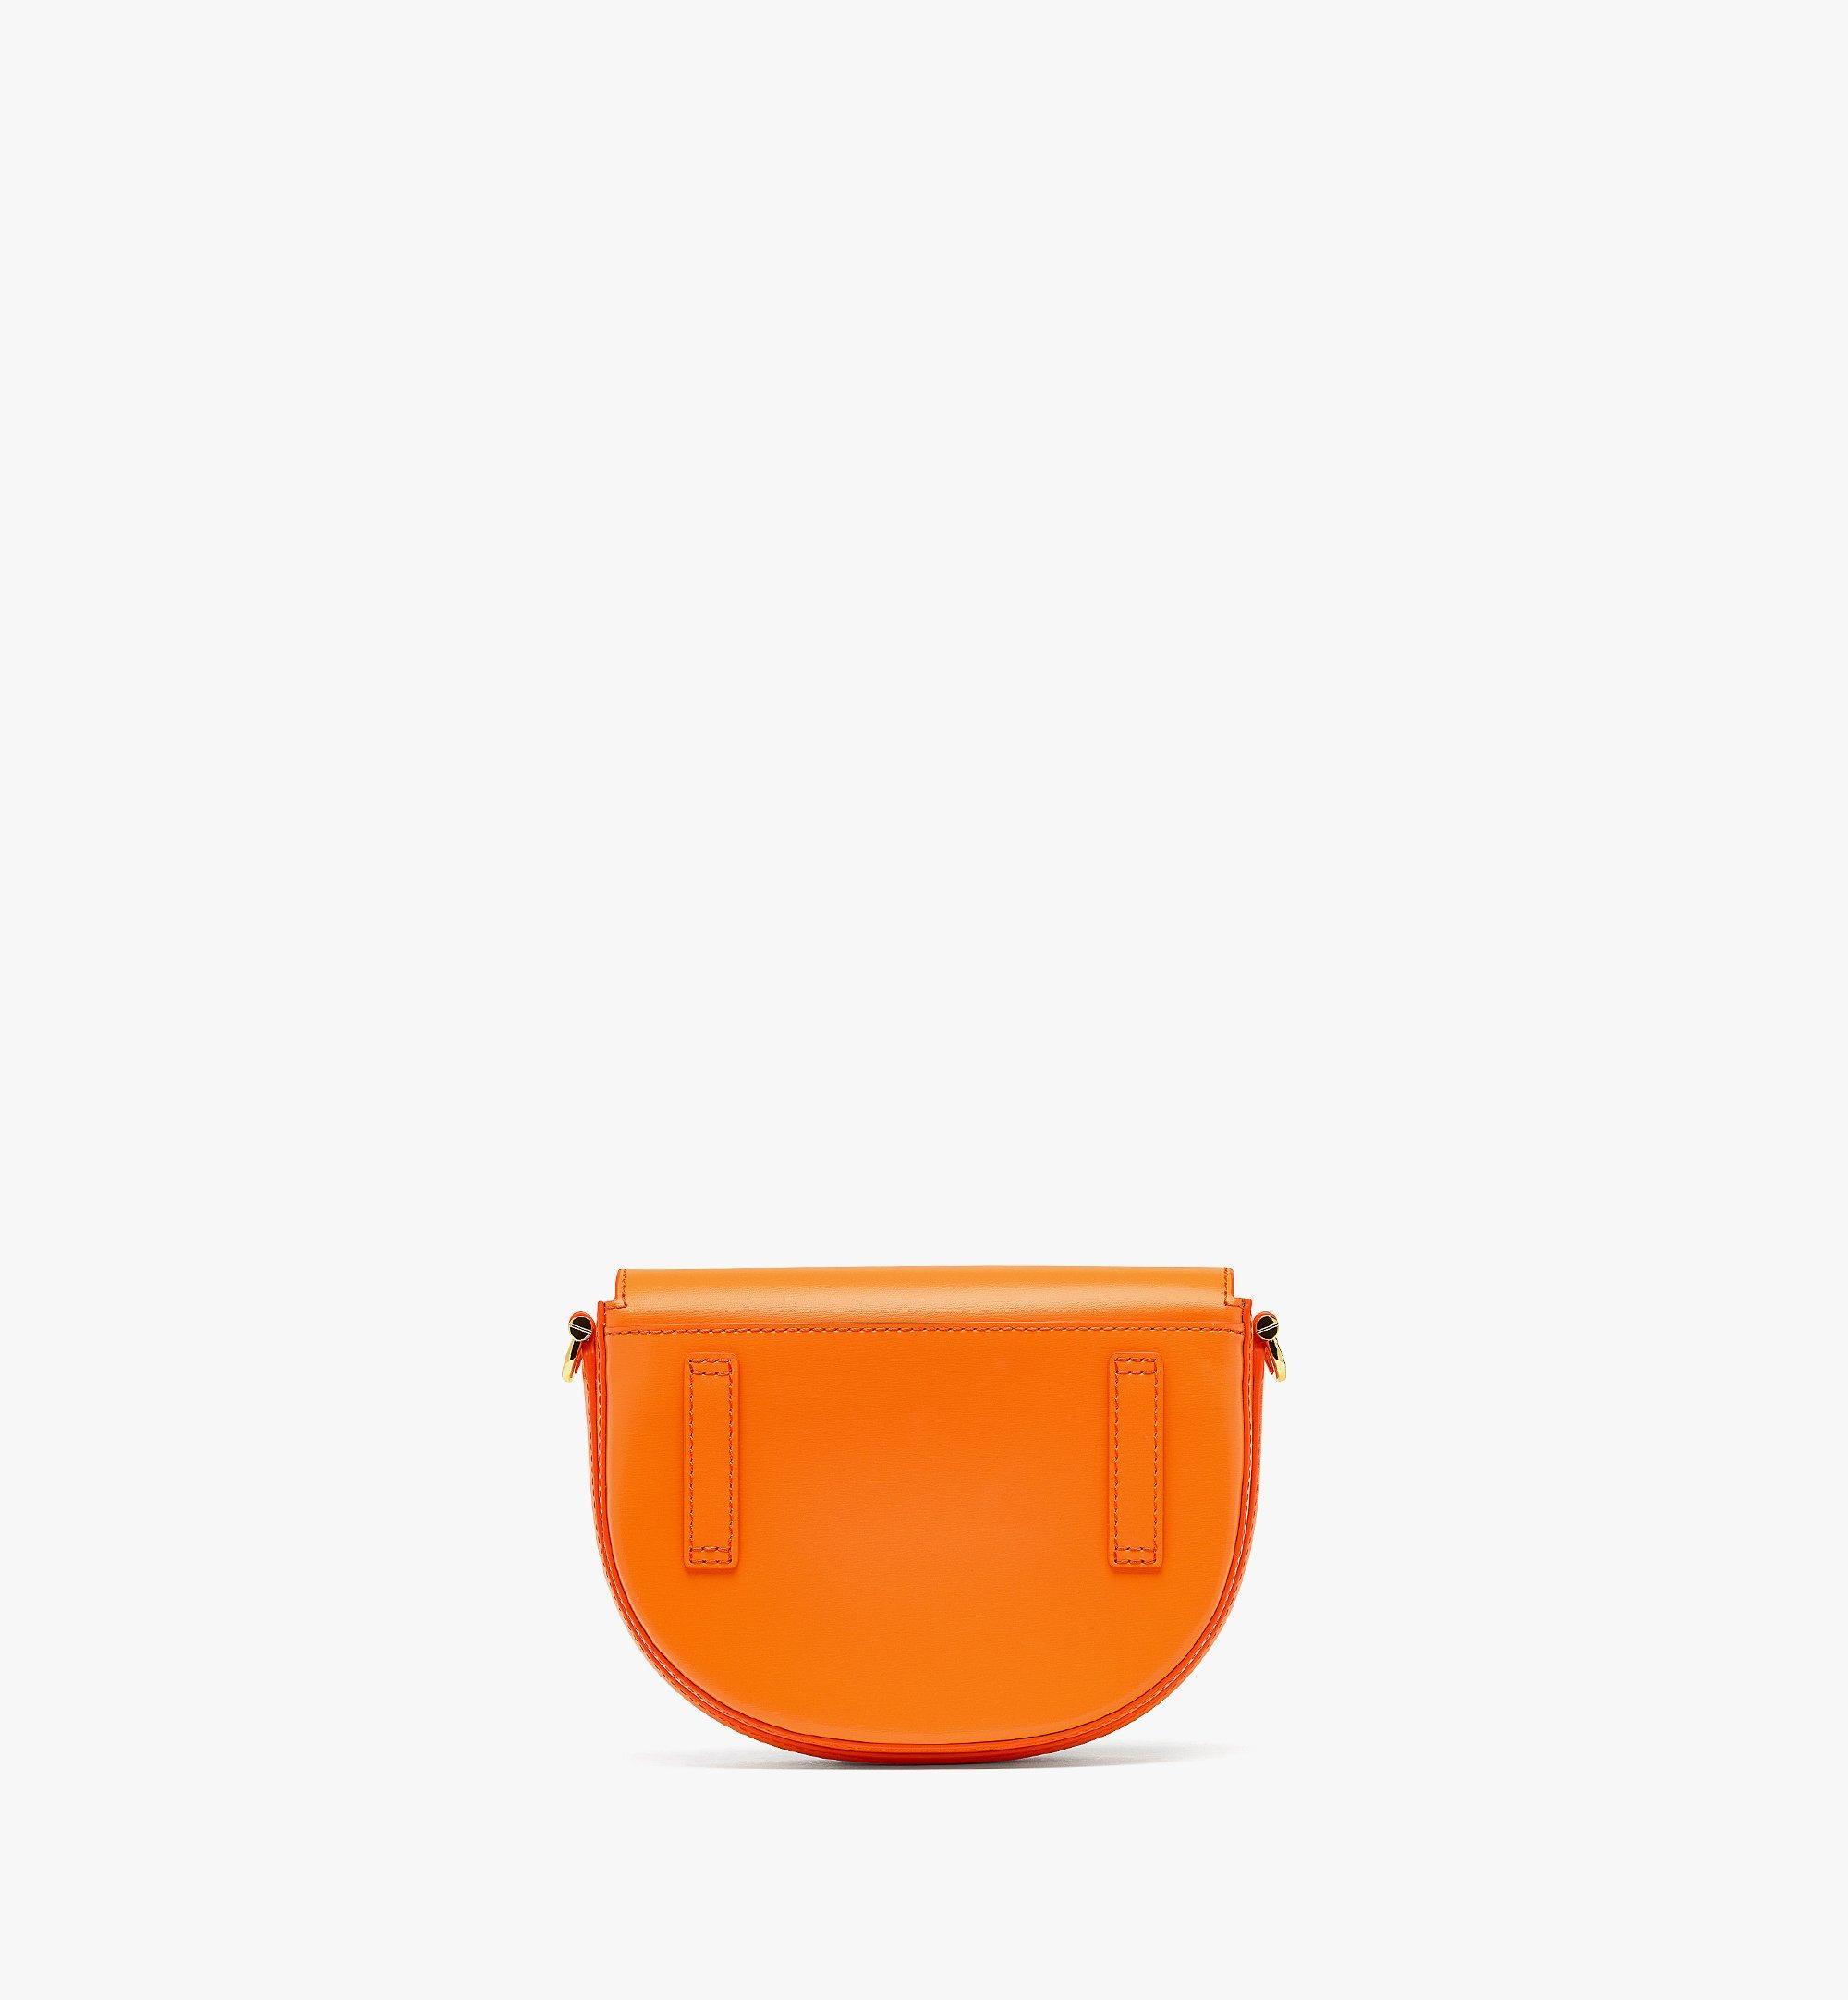 MCM PatriciaCrossbody-Tasche aus geprägtem spanischen Leder Orange MWRBAPA01O9001 Noch mehr sehen 3